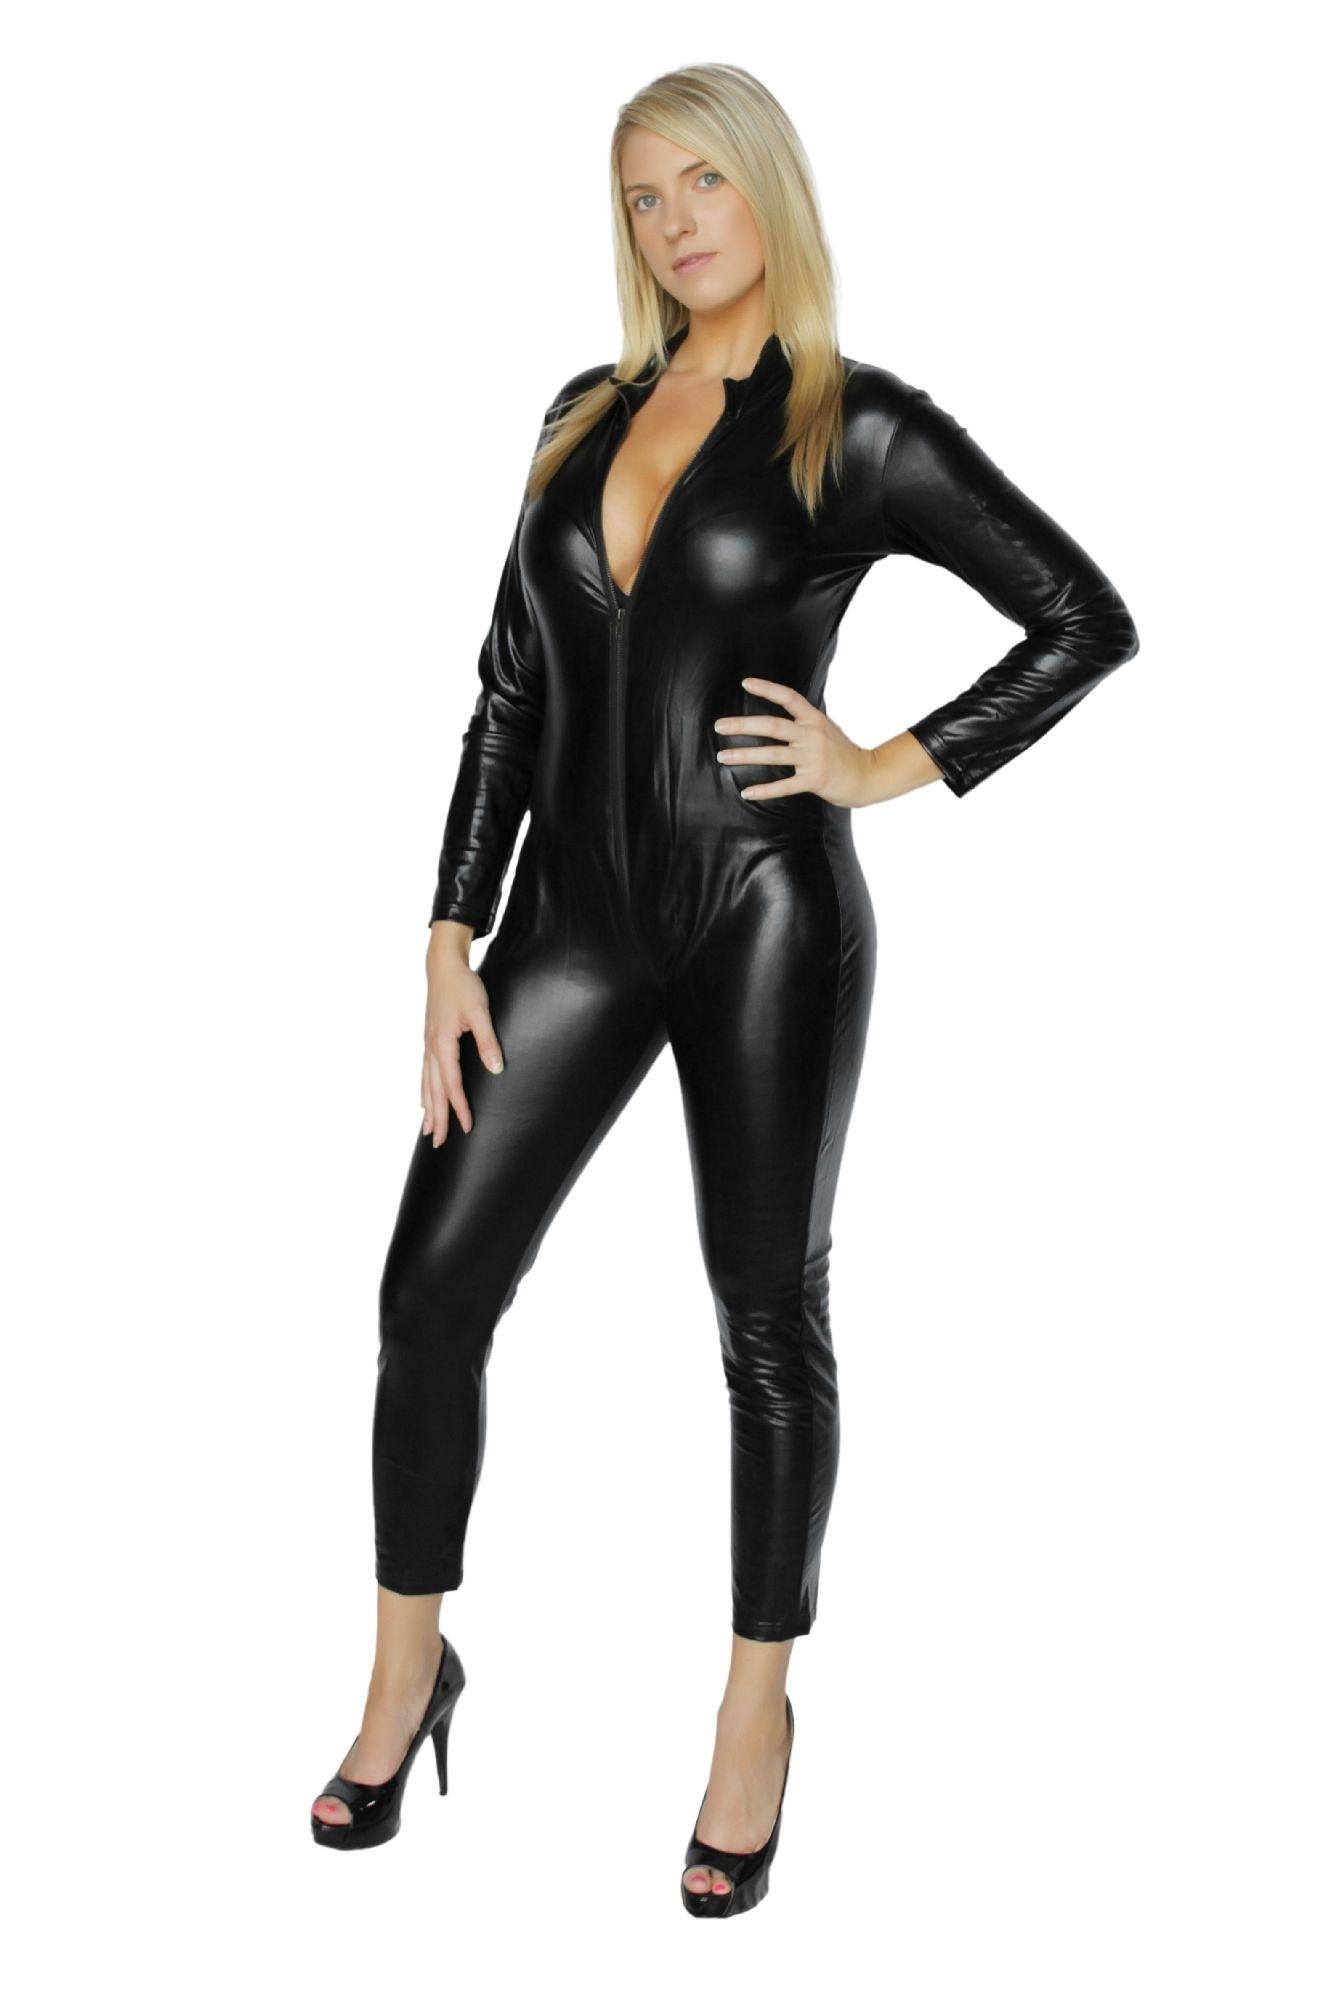 Flirtzy Shinny Wet Look Black Catsuit Four Way Zipper Closure (12884) - black, m 578e620fe22461540117fe2a